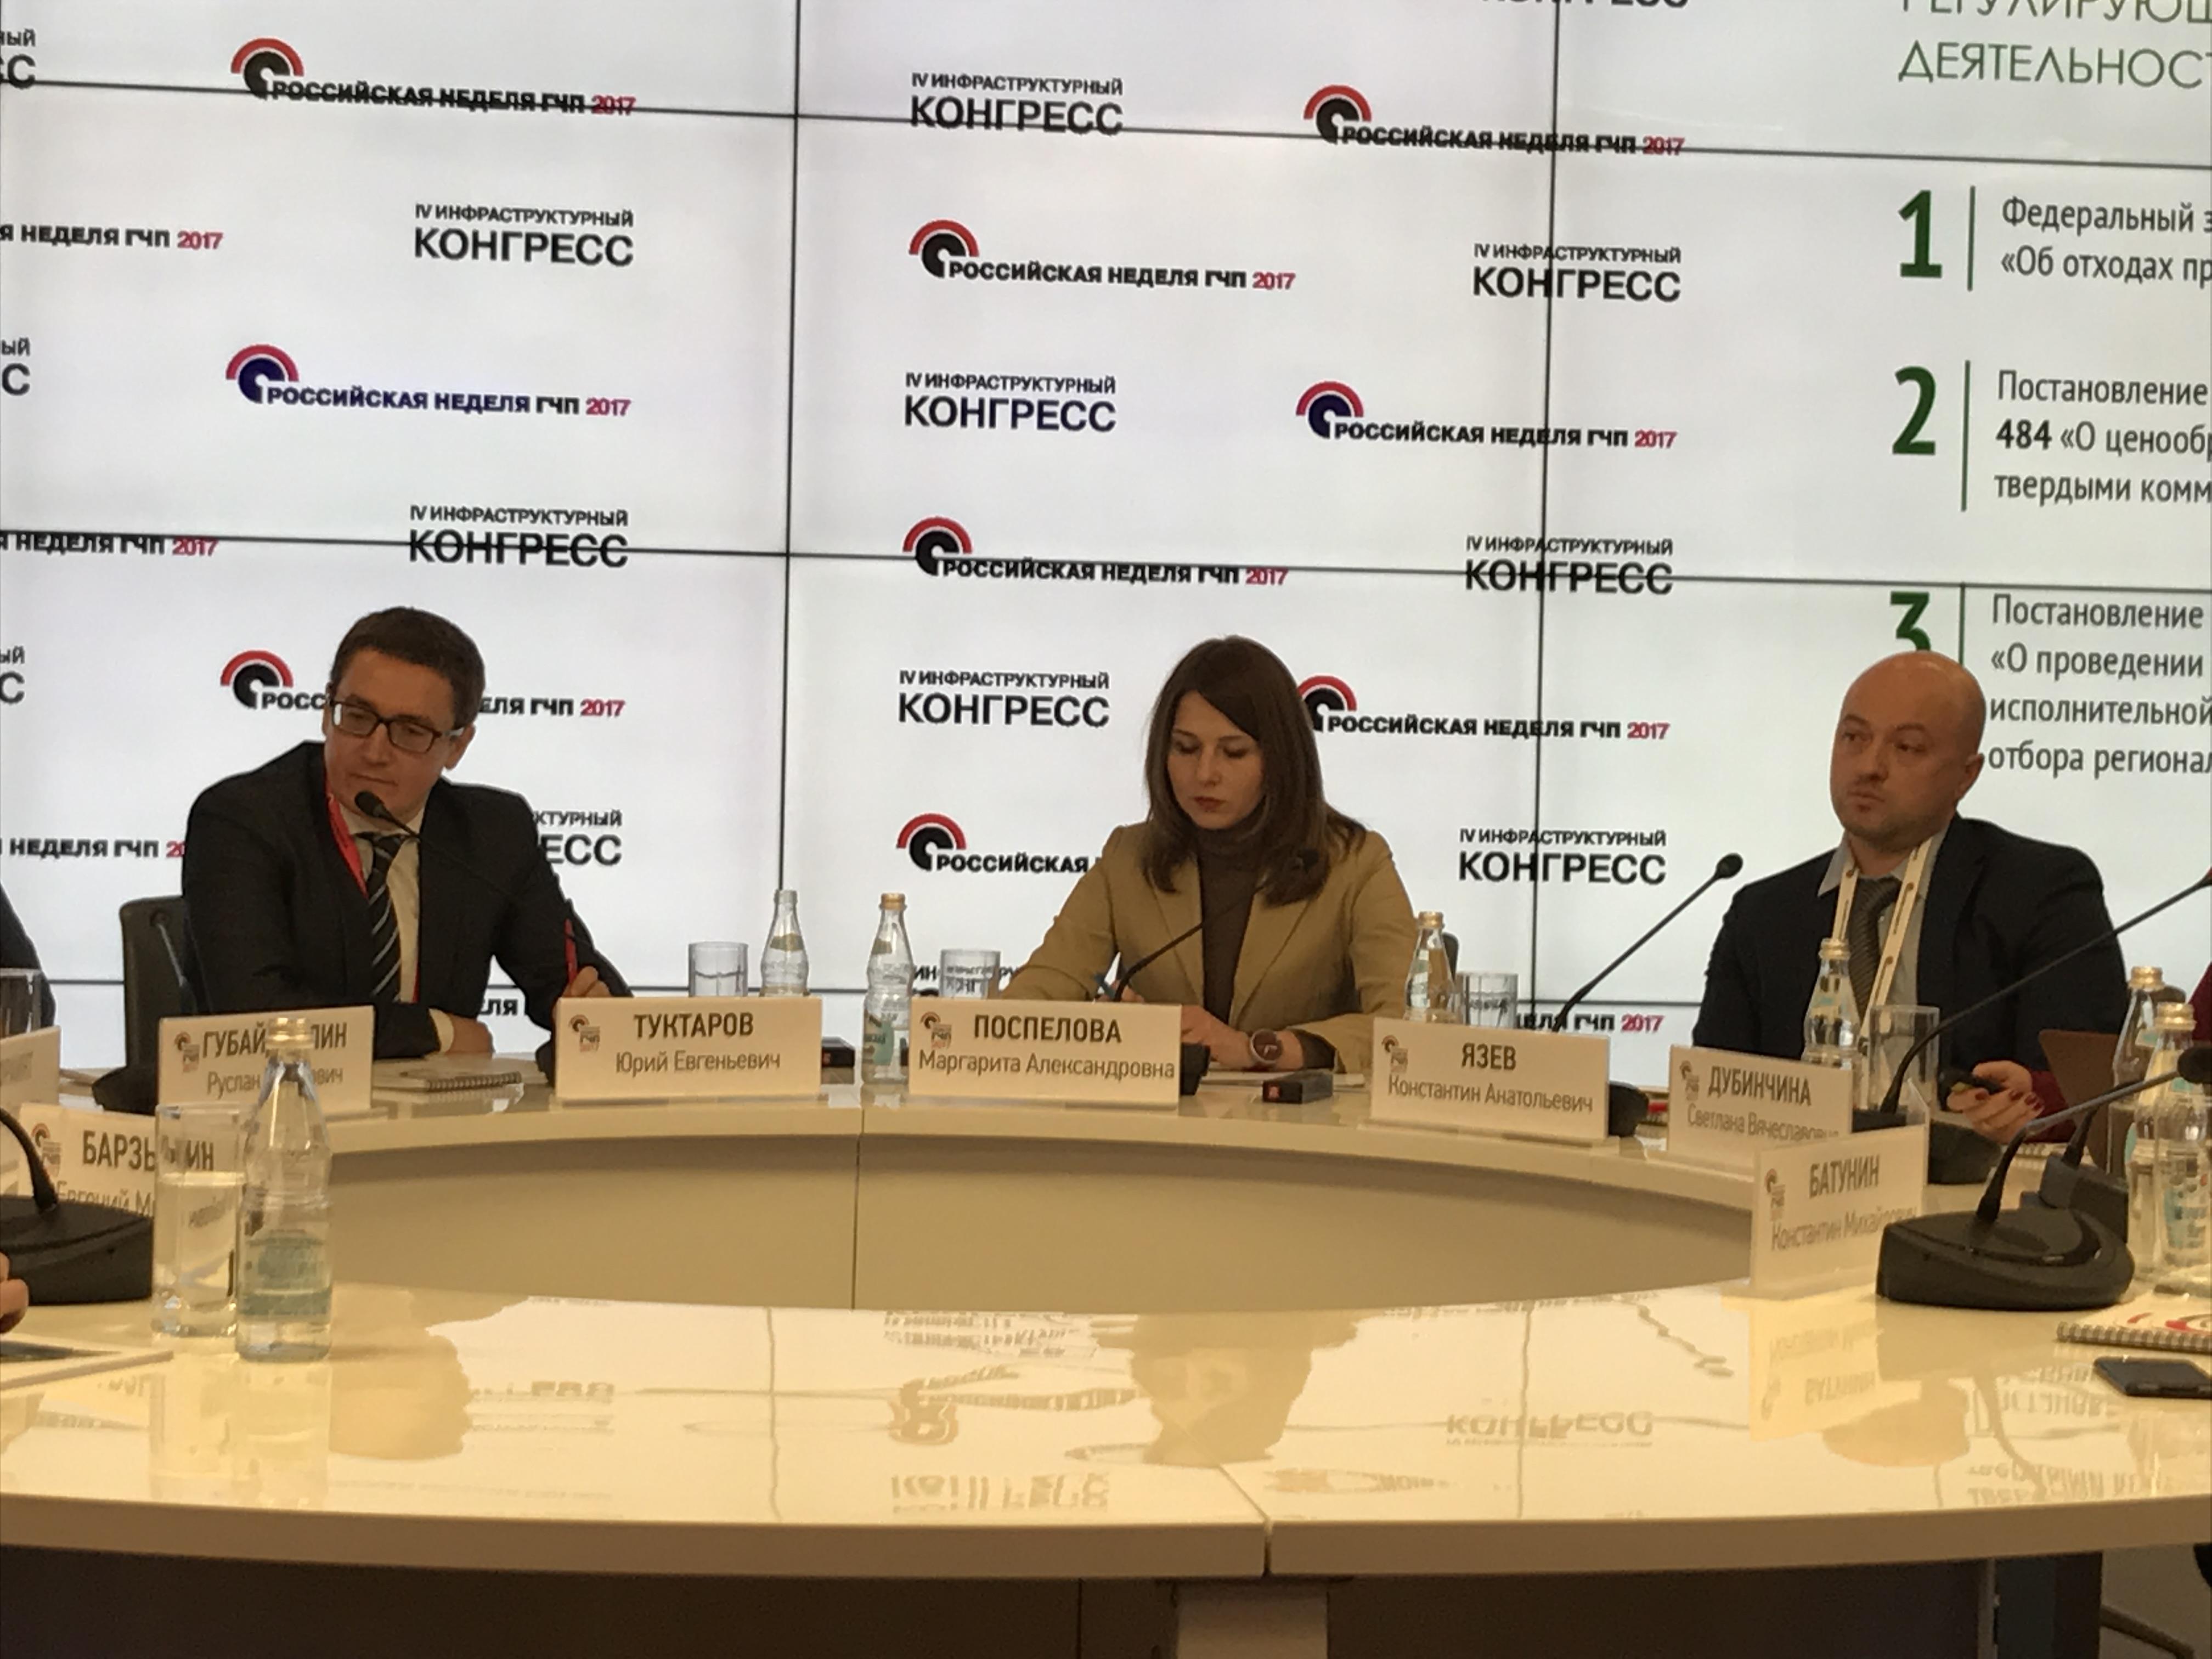 В Москве прошло крупнейшее мероприятие в сфере развития инфраструктуры и государственно-частного партнерства — IV Инфраструктурный конгресс «Российска